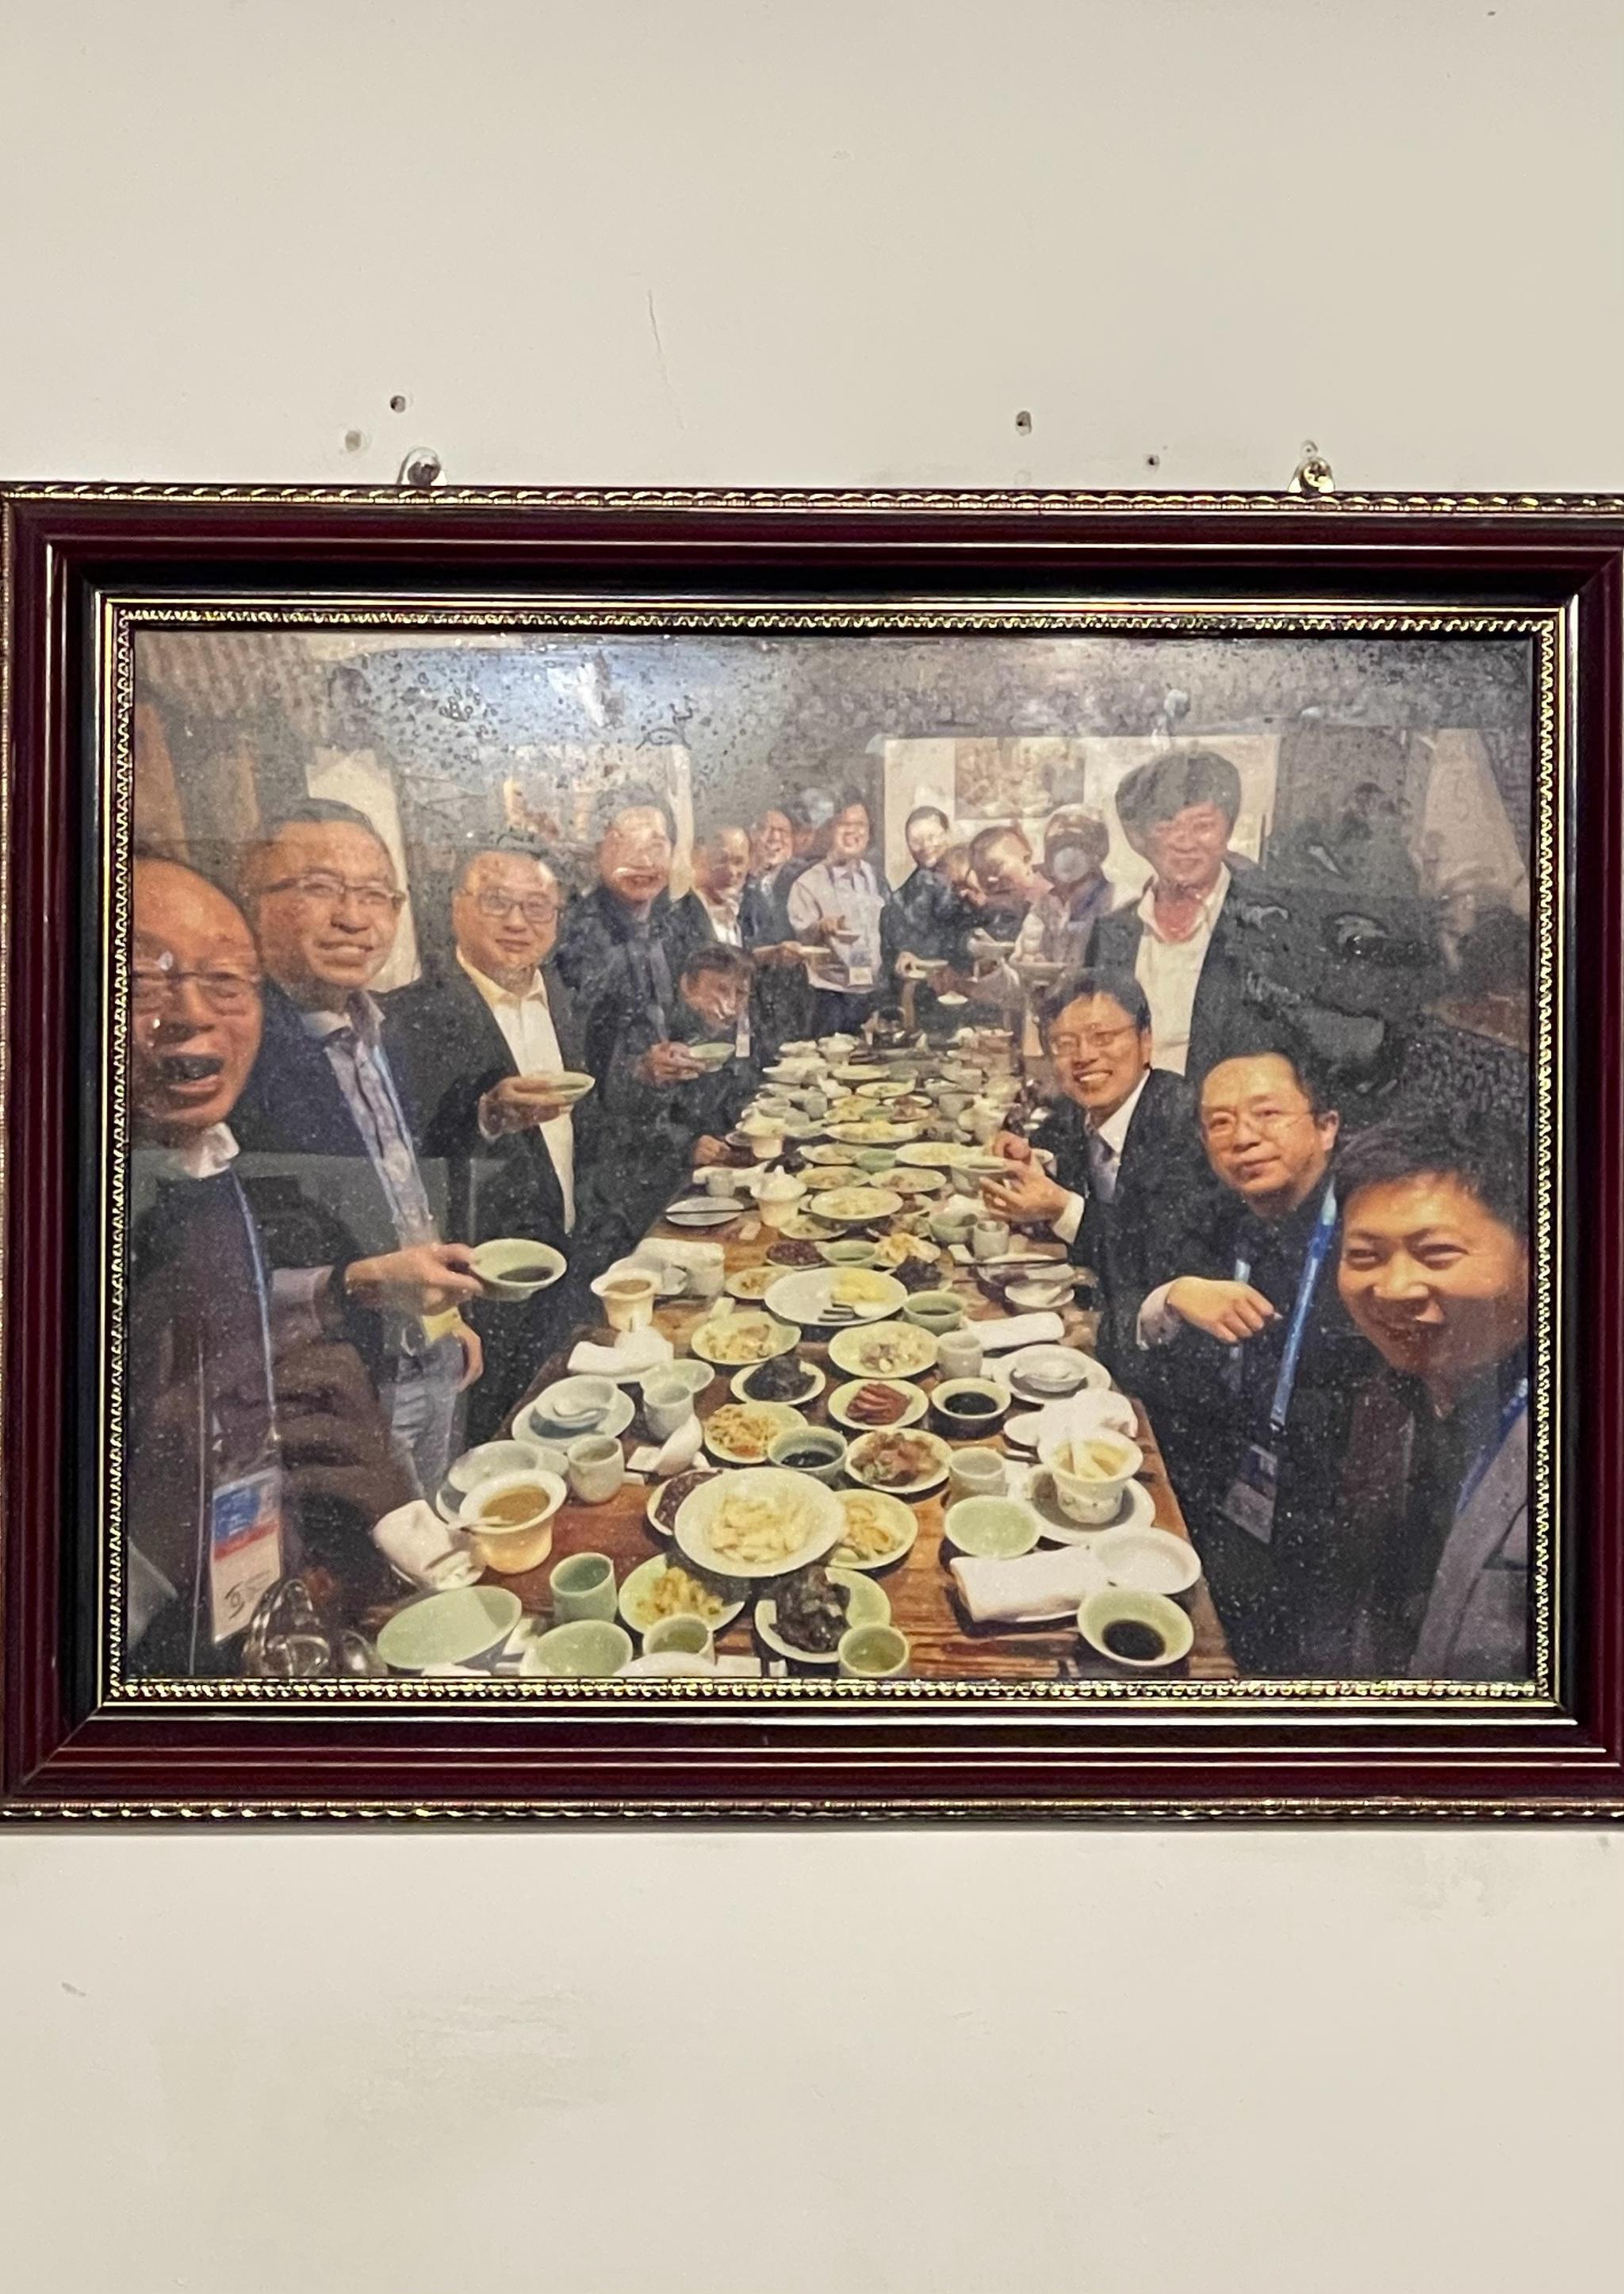 丁磊当年组的互联网大佬饭局轰动整个互联网圈